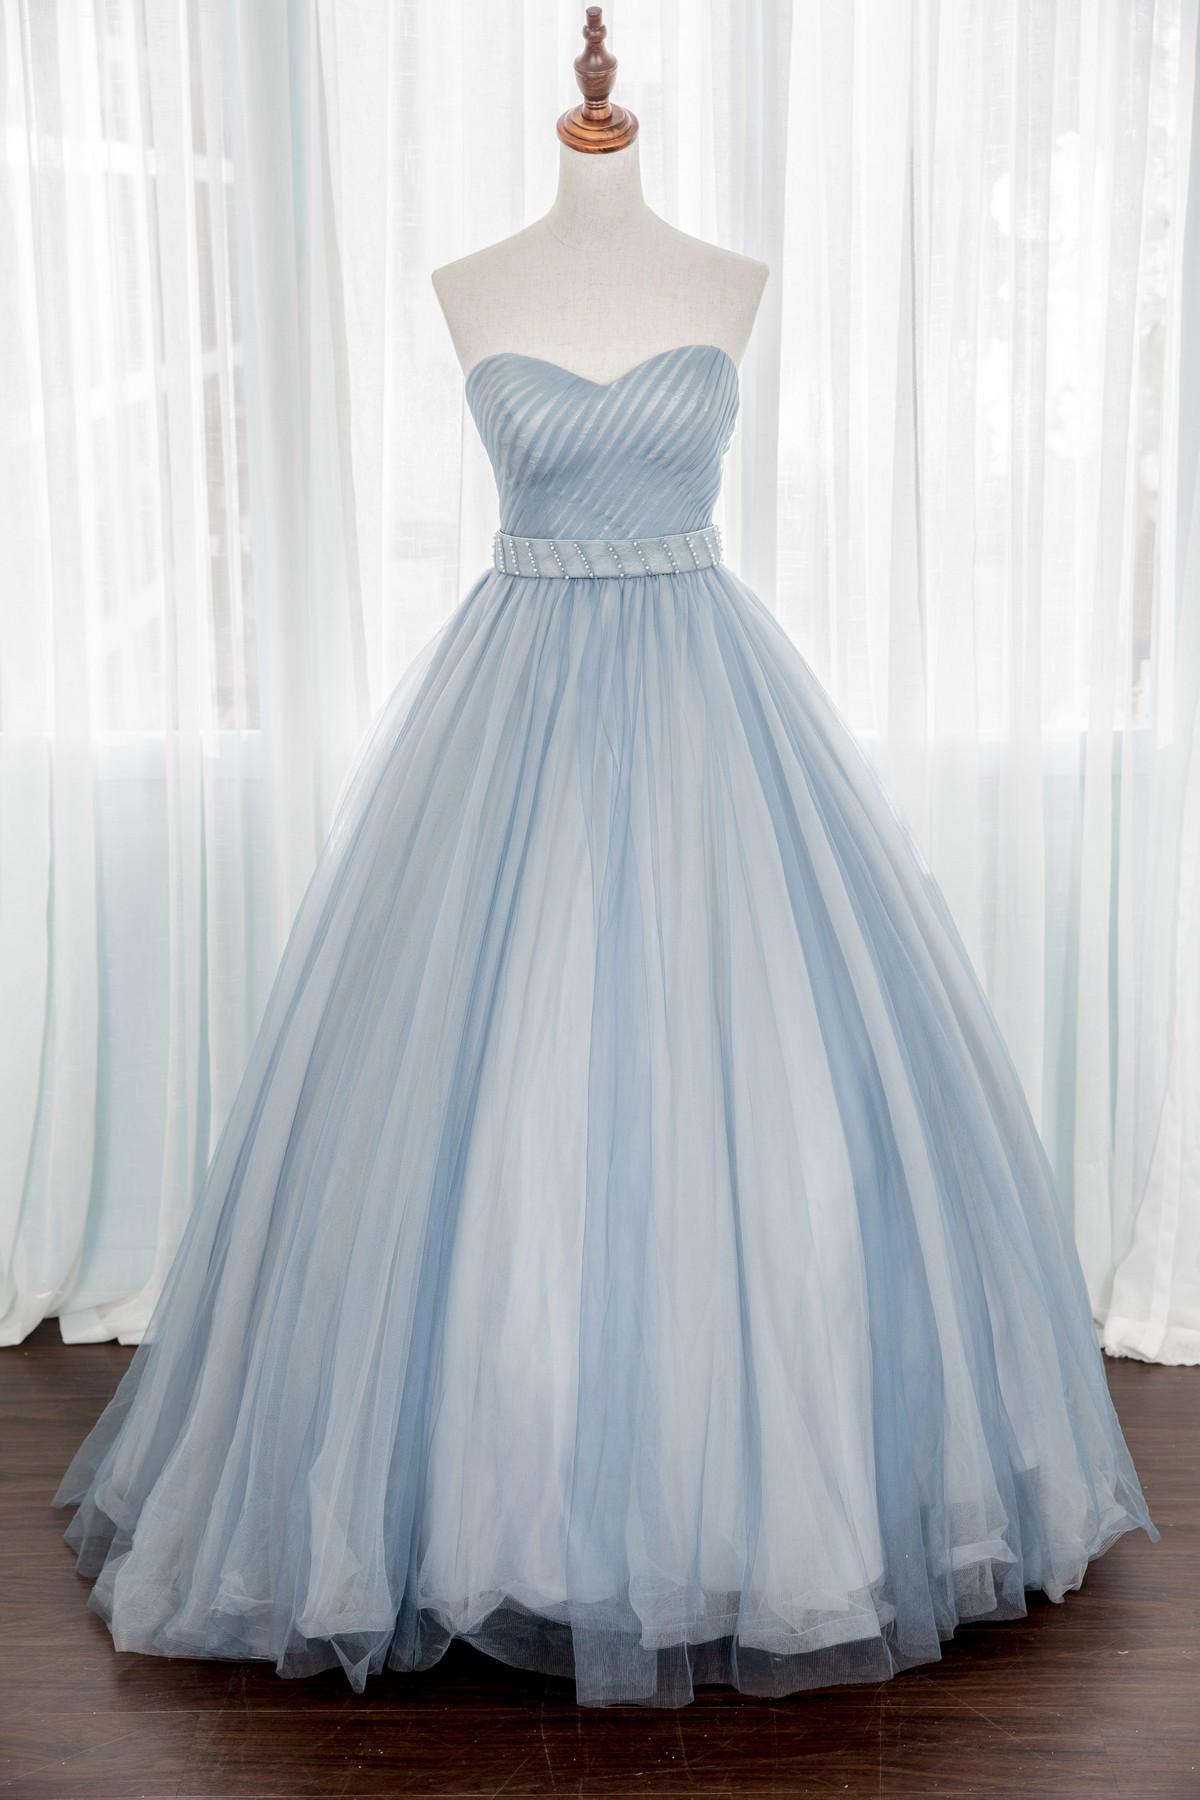 禮服出租:淡淡優雅天空藍雙色手工晚禮服-婚宴款